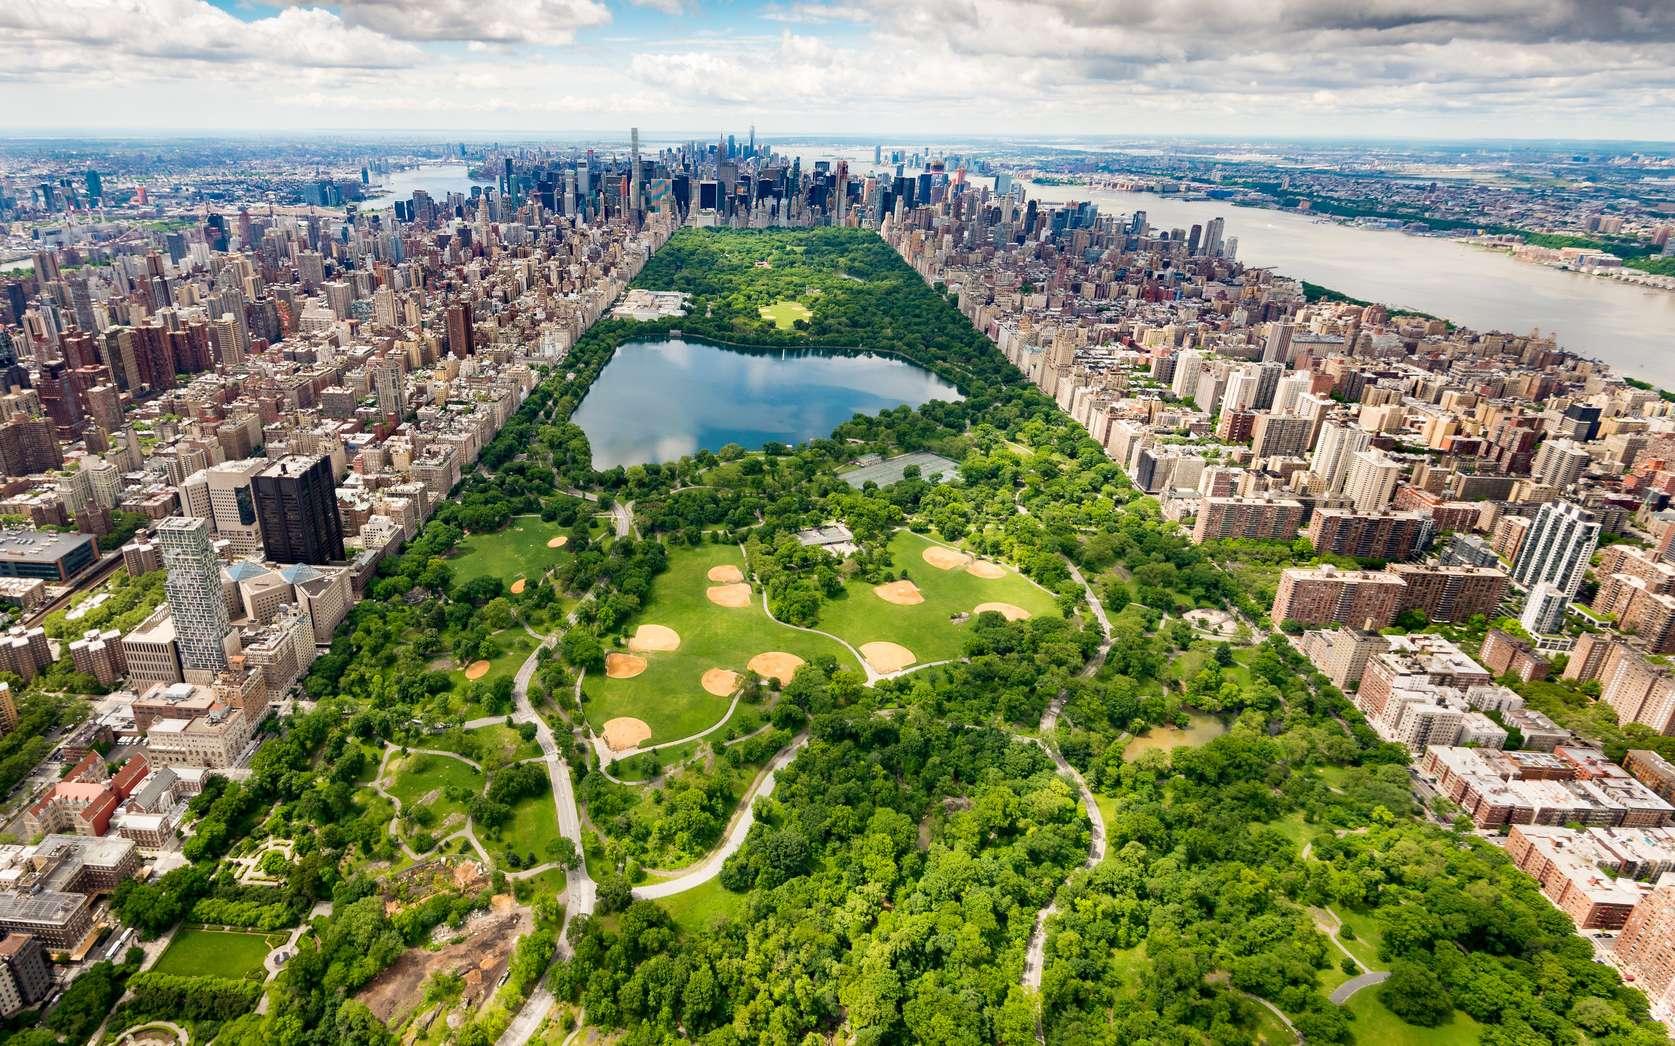 Central Park à New York et ses gratte-ciels à l'horizon. © AntonioLopez, fotolia